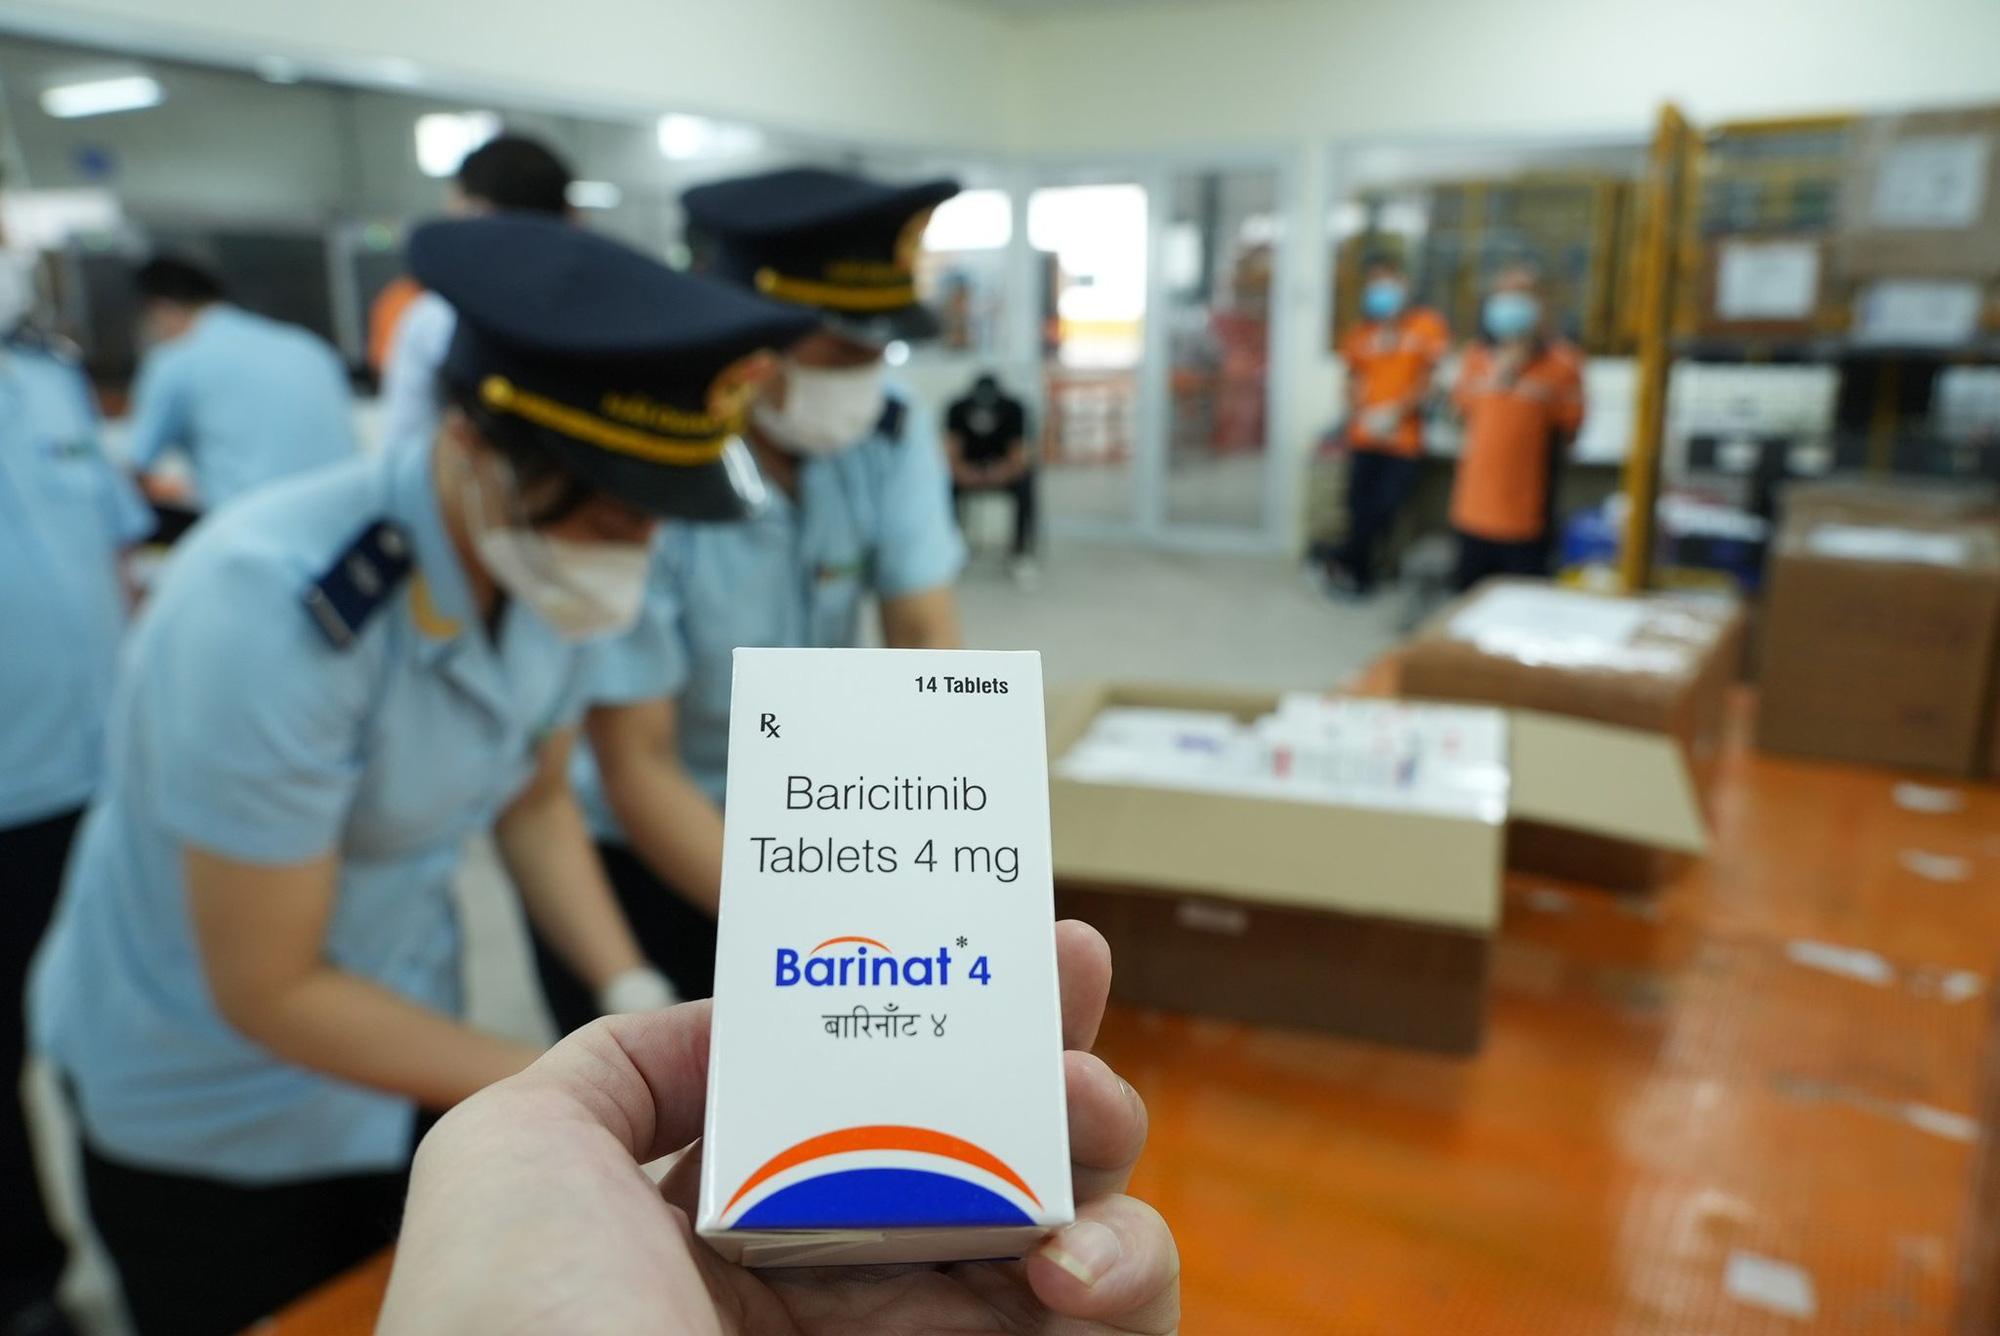 Nóng: Bắt giữ hơn 60.000 viên thuốc điều trị Covid-19 nhập từ Ấn Độ về sân bay Nội Bài - Ảnh 2.